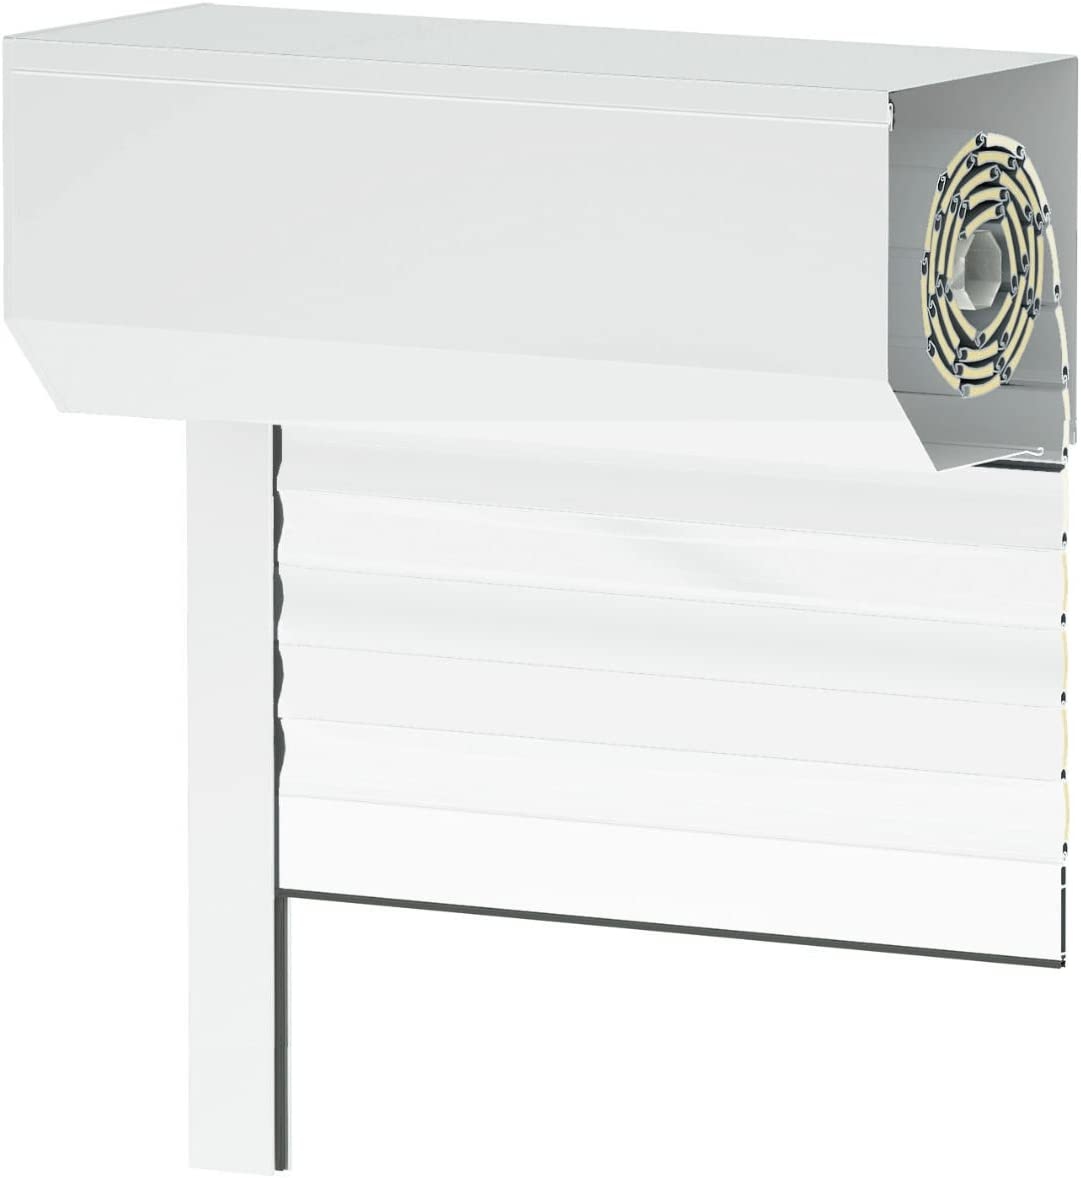 Bedienseite: Links, Vorbaurollladen Typ Corner Anthrazit 39mm Aluminium-Lamelle 85x130cm mit Gurtwickler /ähnlich RAL 7016 als Ma/ßanfertigung